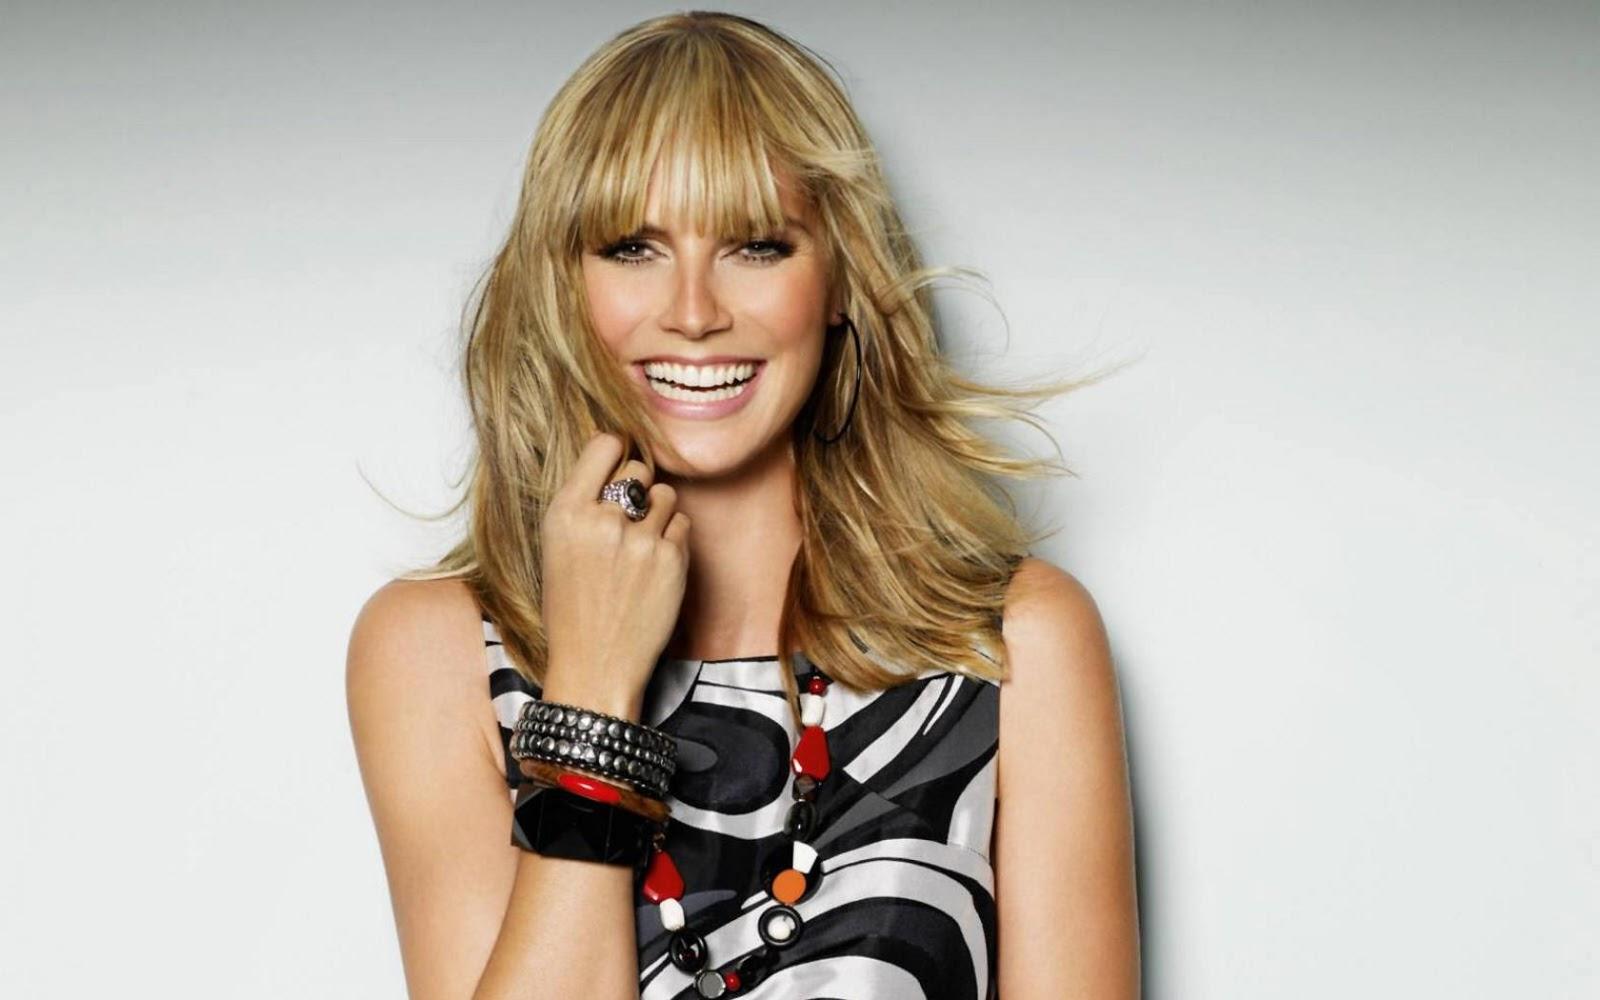 Celebrity Celebritys Heidi Klum Lovely New Hd Wallpapers